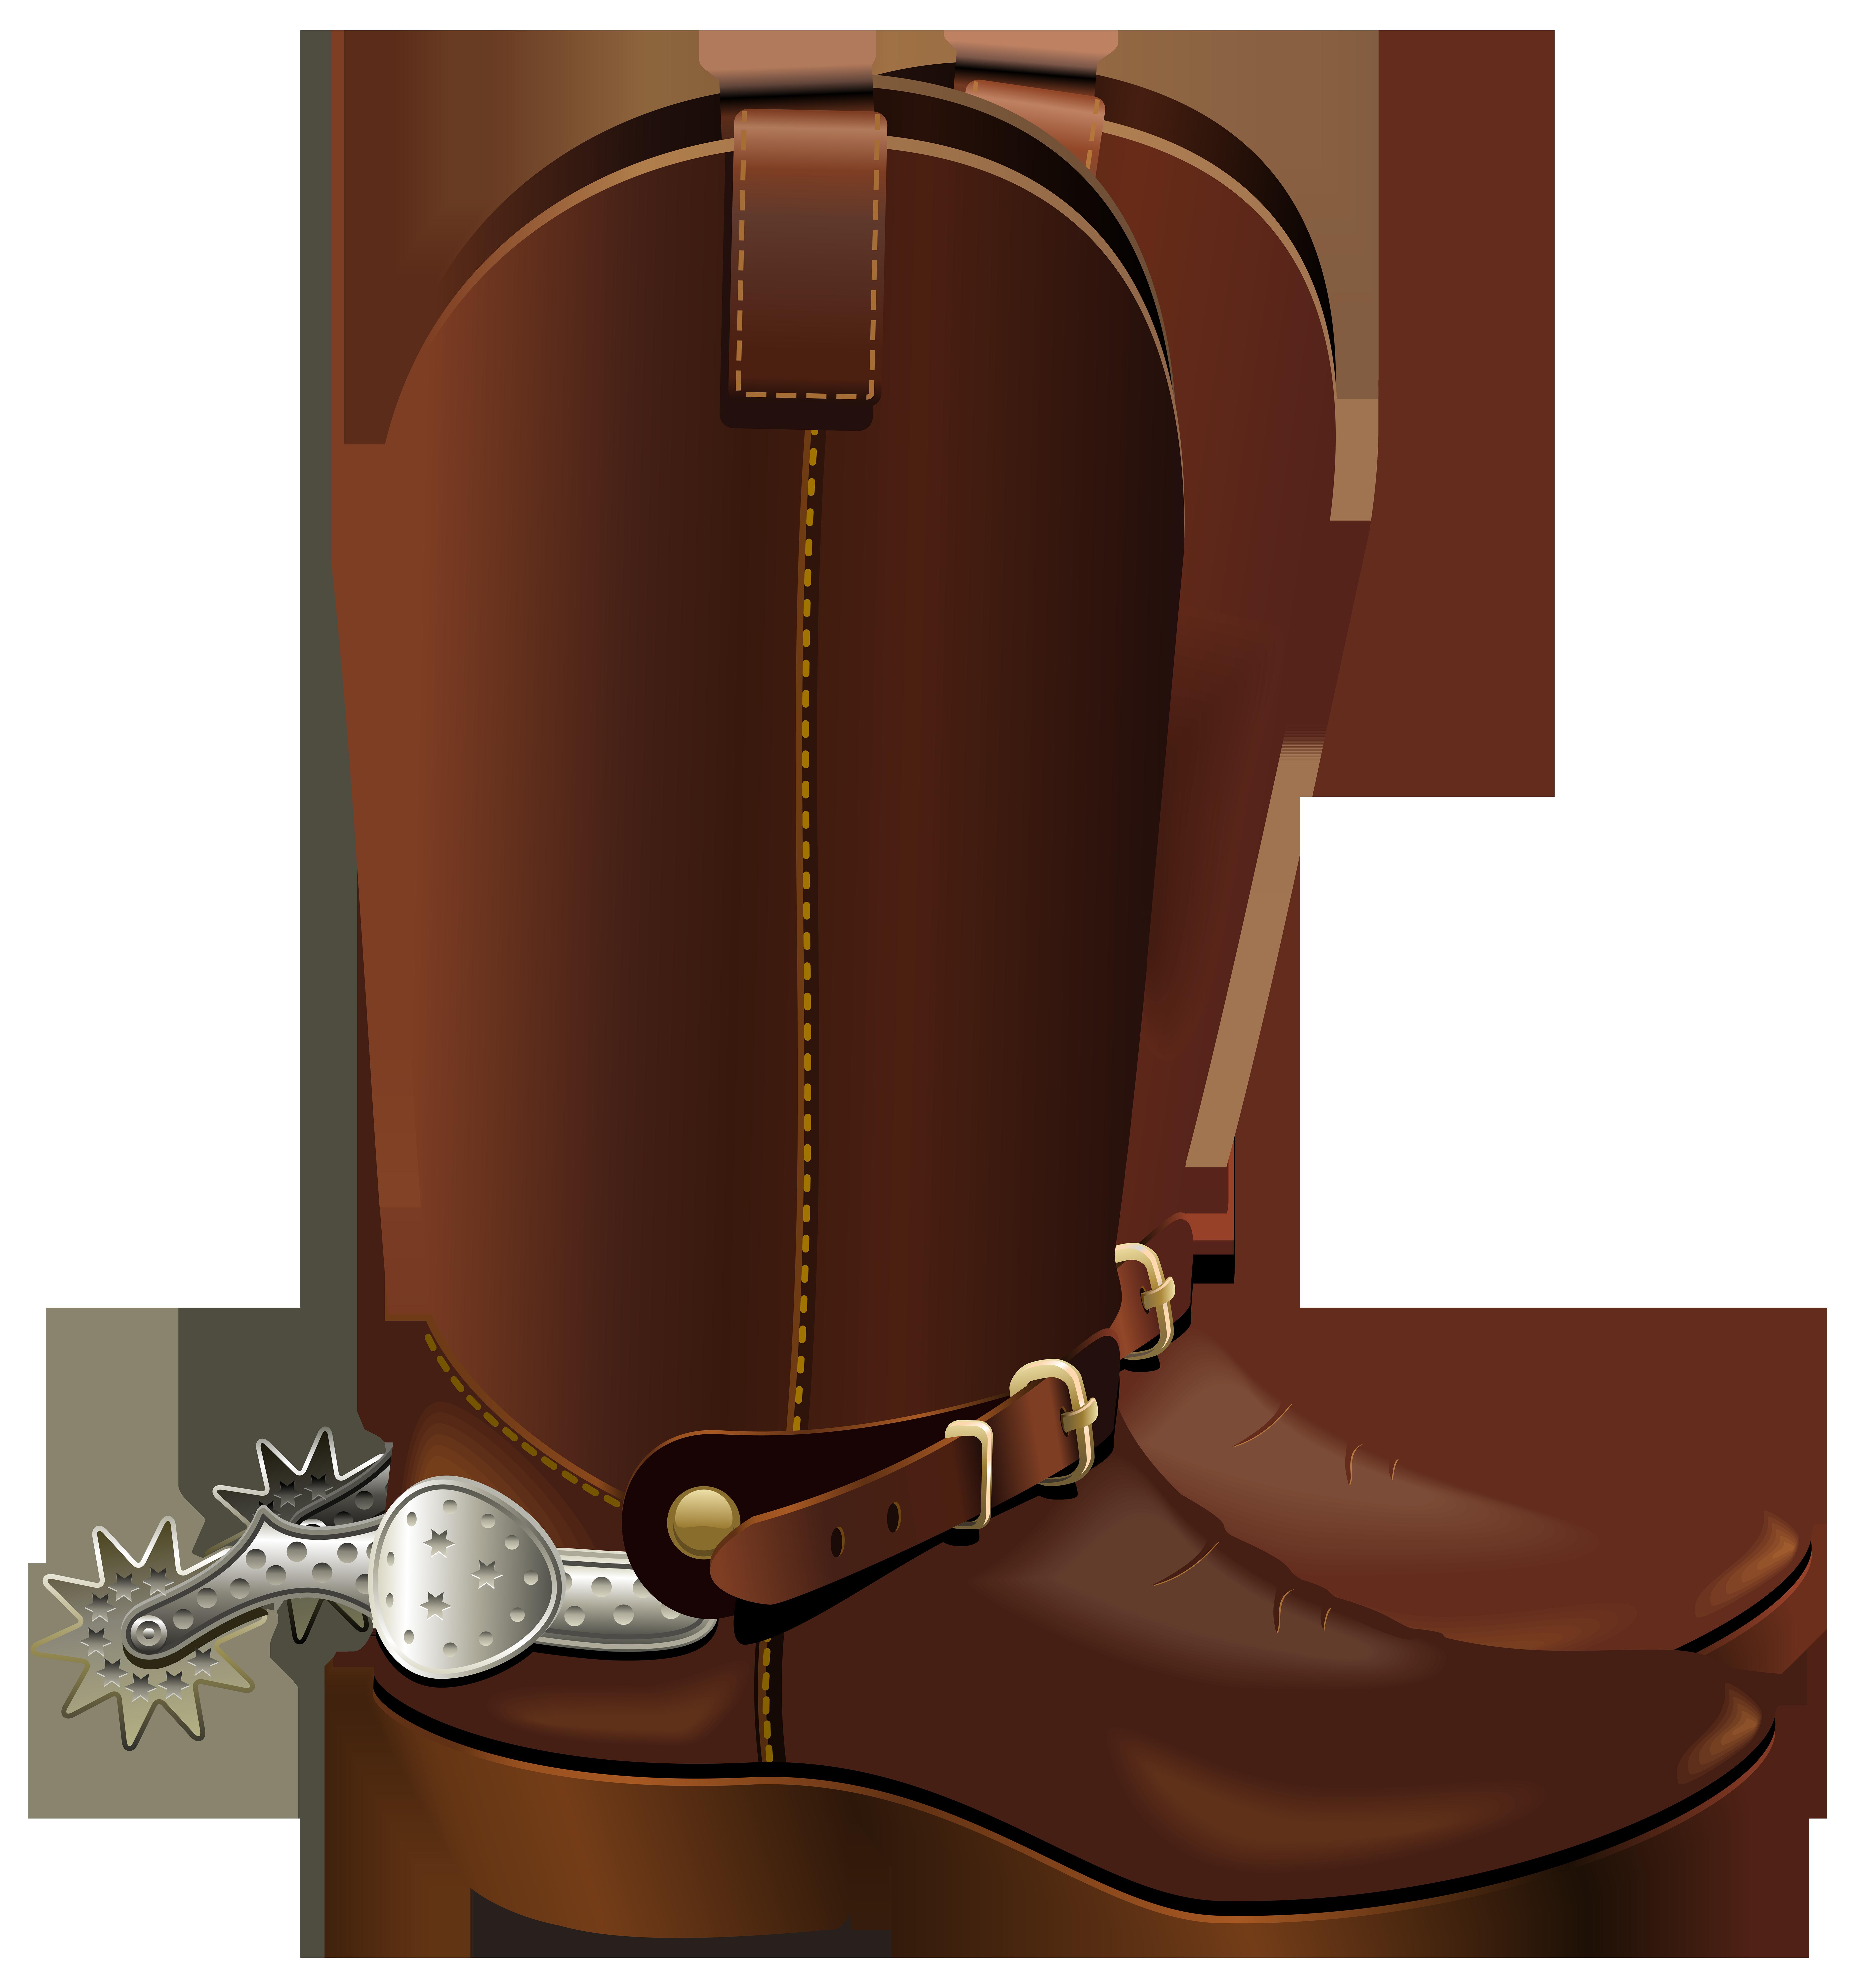 Cowboy boots clip art web clipart-Cowboy boots clip art web clipart-12